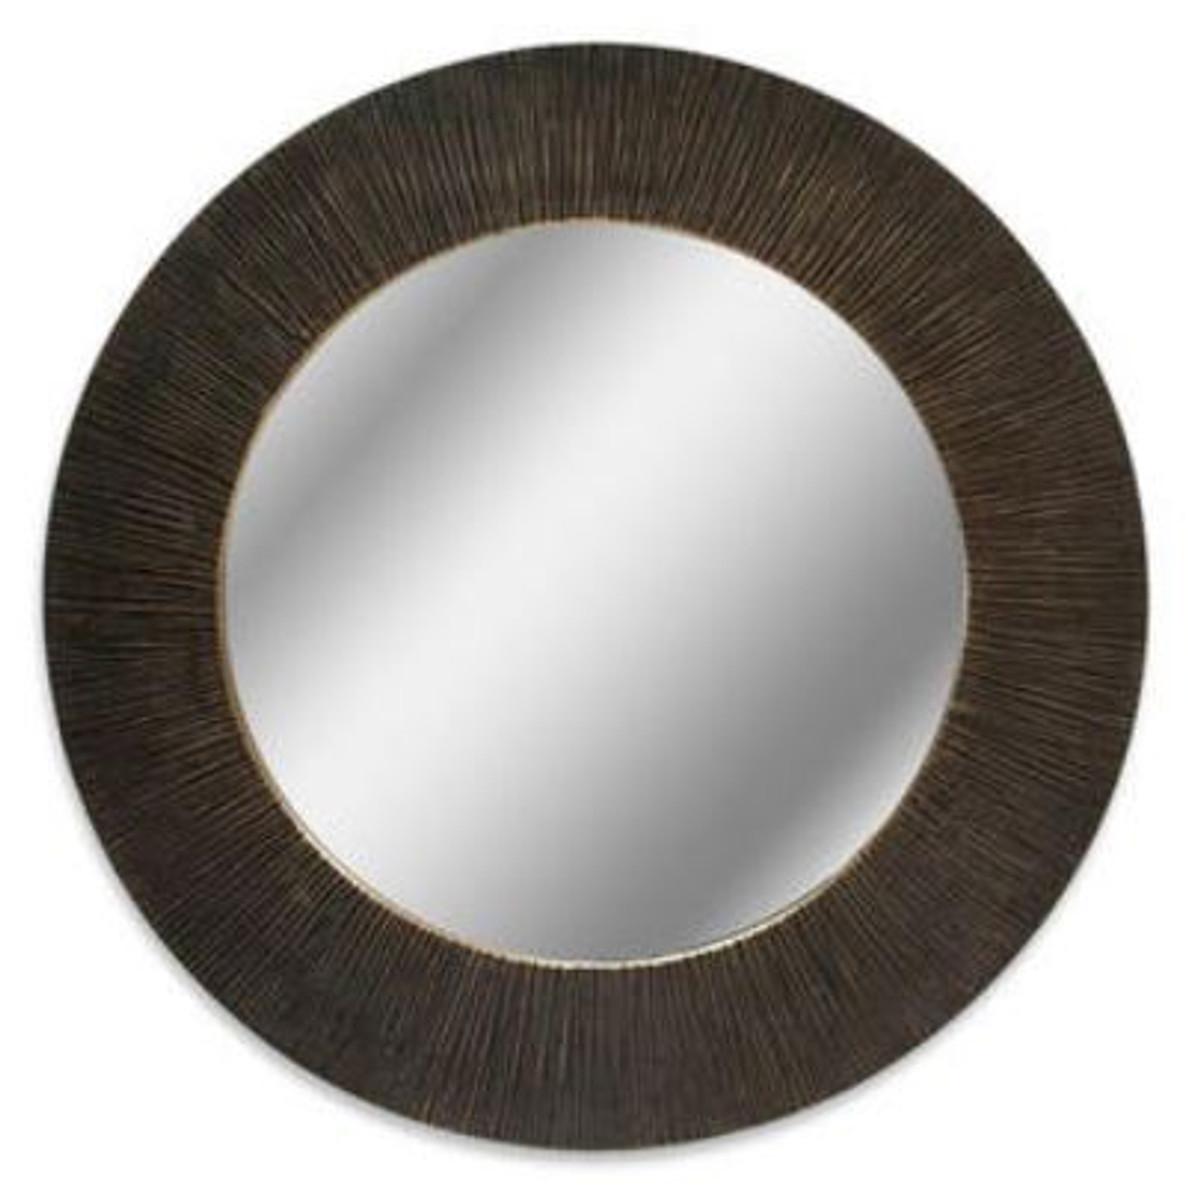 Casa Padrino Luxus Spiegel Schwarz / Bronze Ø 74 cm - Luxus Aluminium Wandspiegel  1